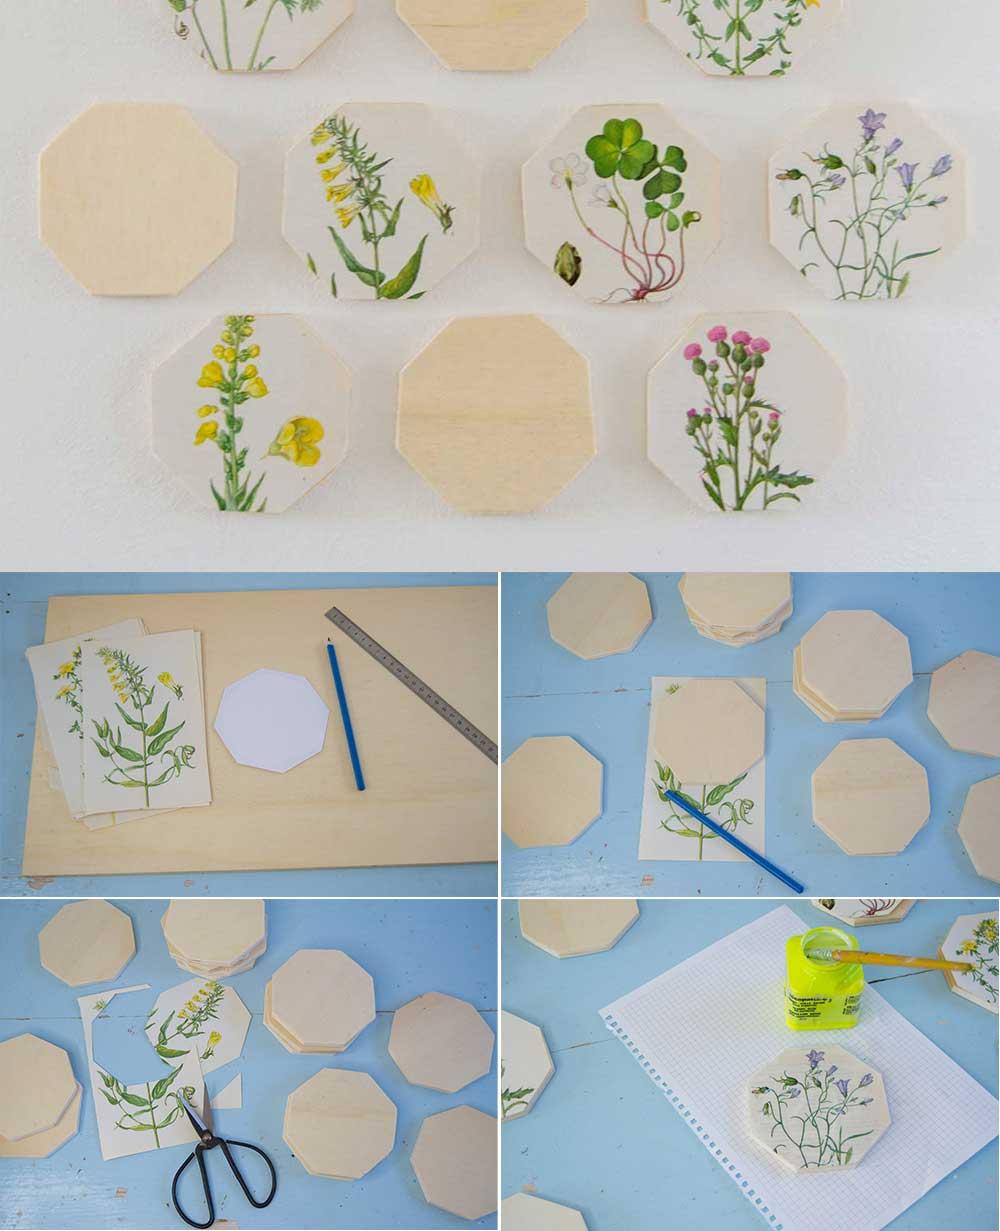 Anleitung Hexagons aus Holz mit Vintage Blumenbildern